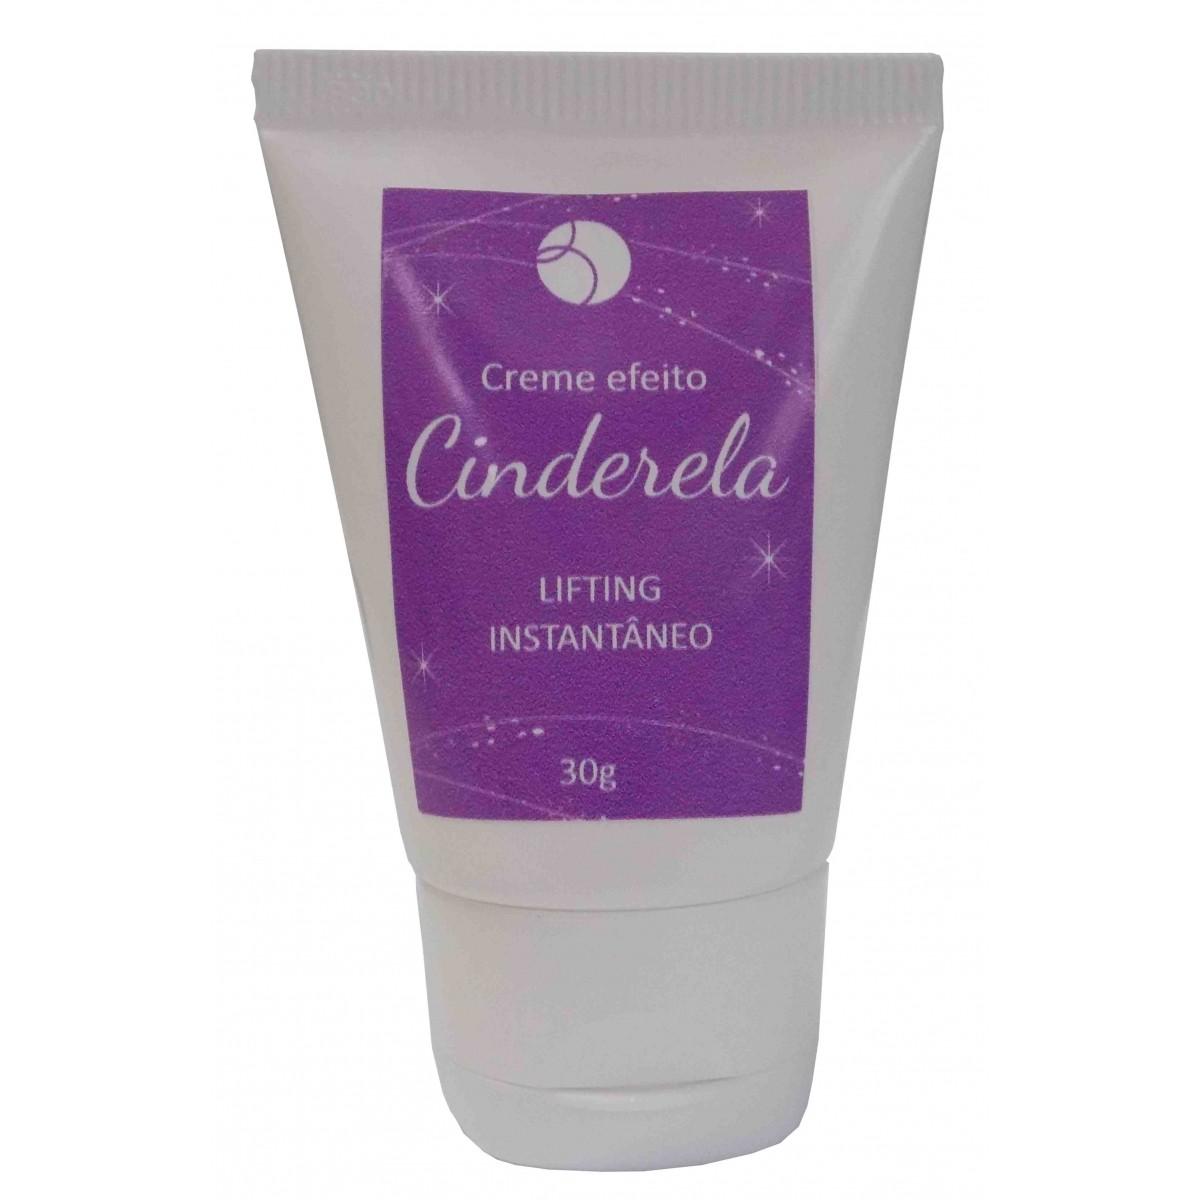 Creme Efeito Cinderela - 30g  - Bulla Farmácia de Manipulação